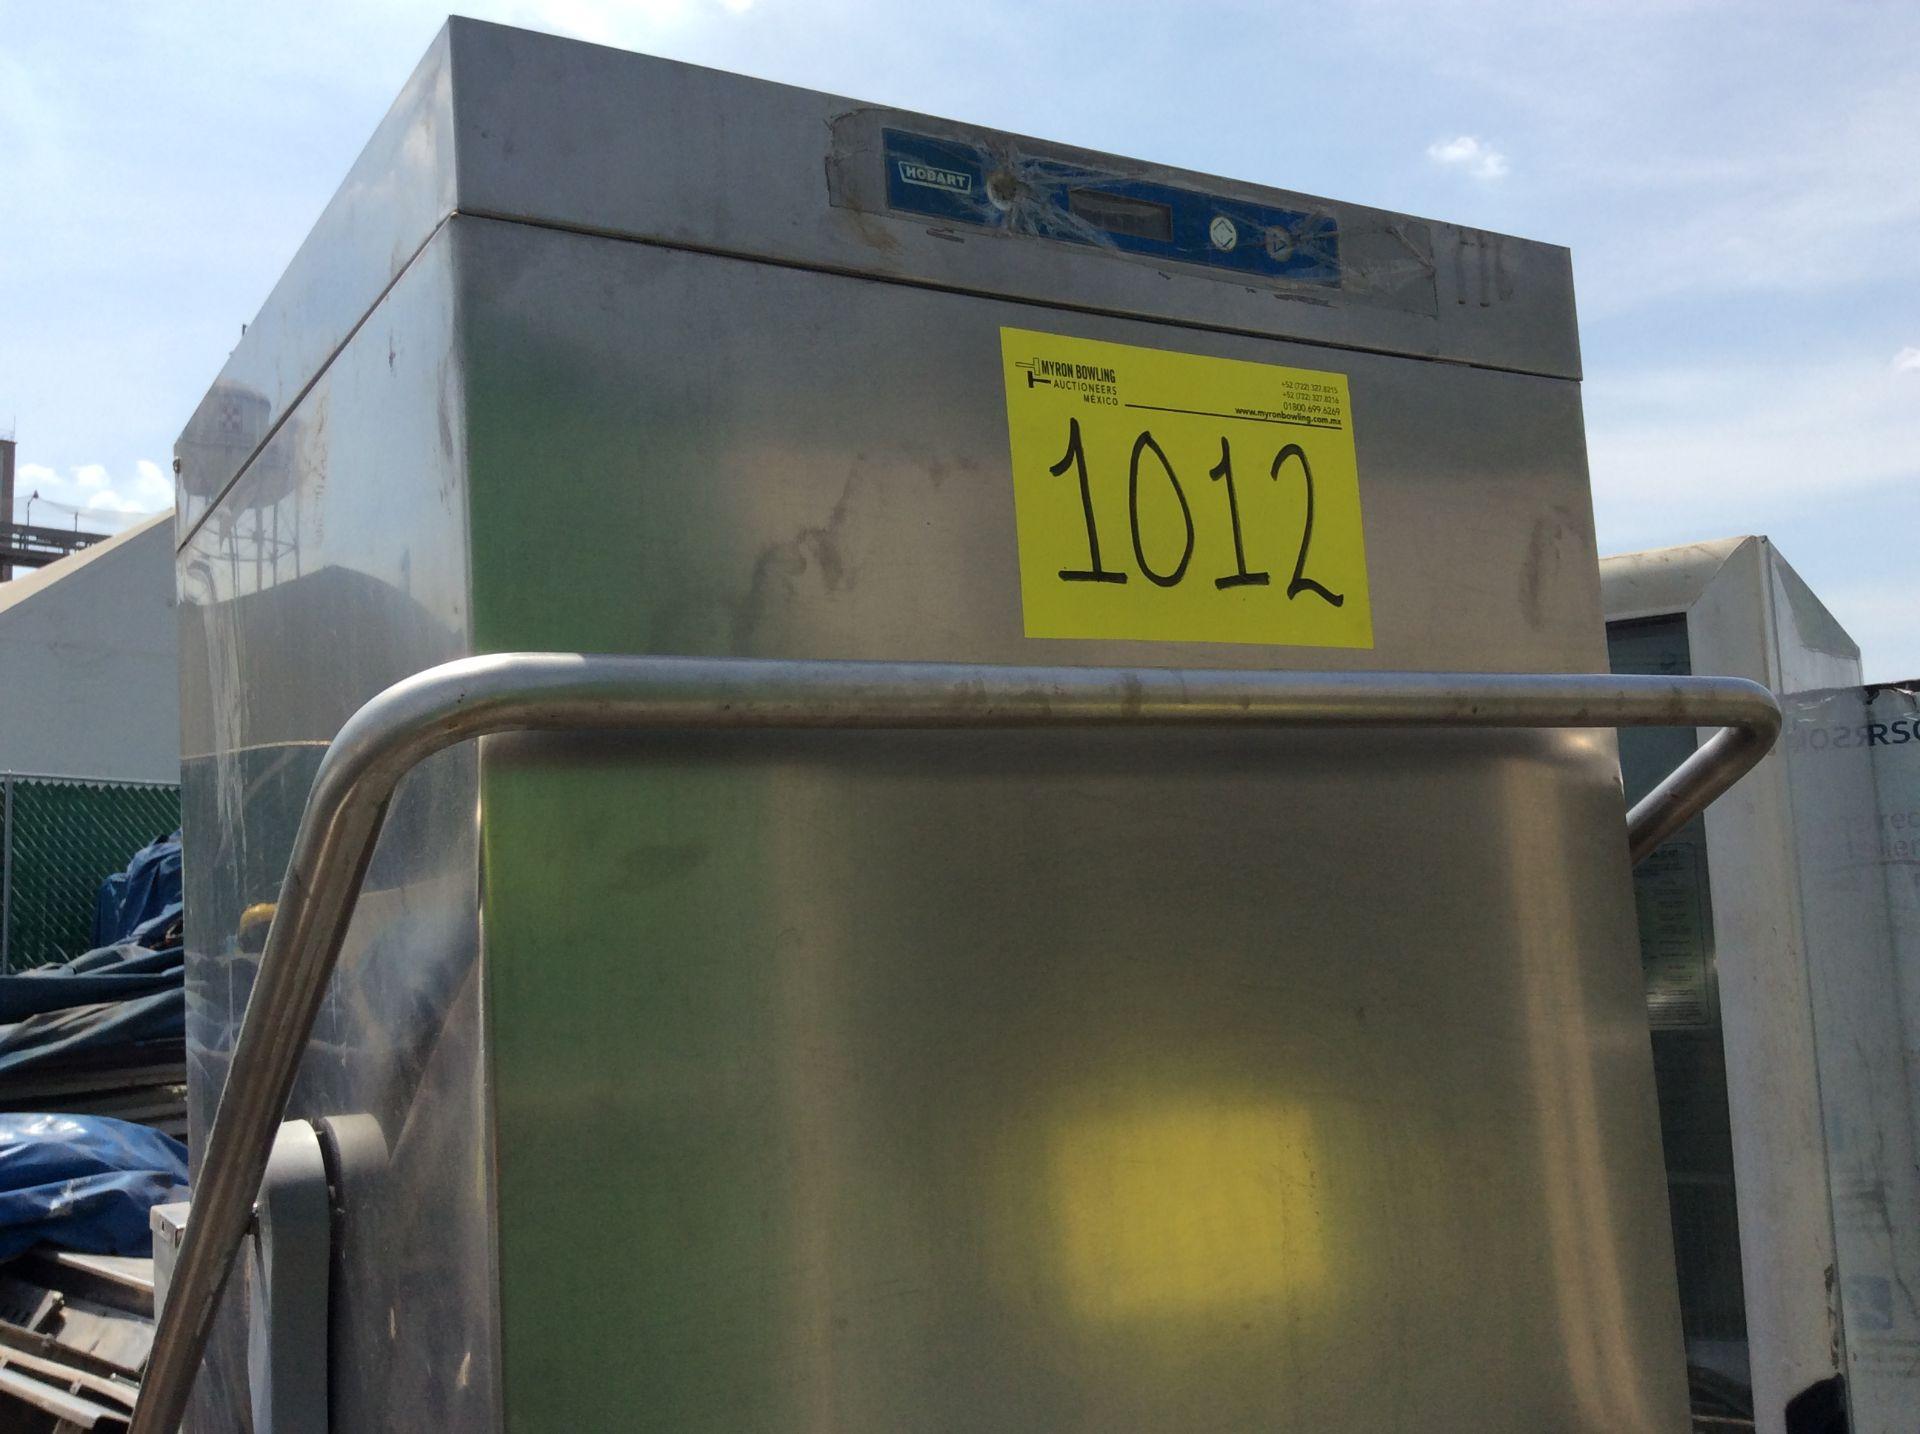 1 AMS Vending machine, 1 Hobart dishwasher - Image 10 of 11